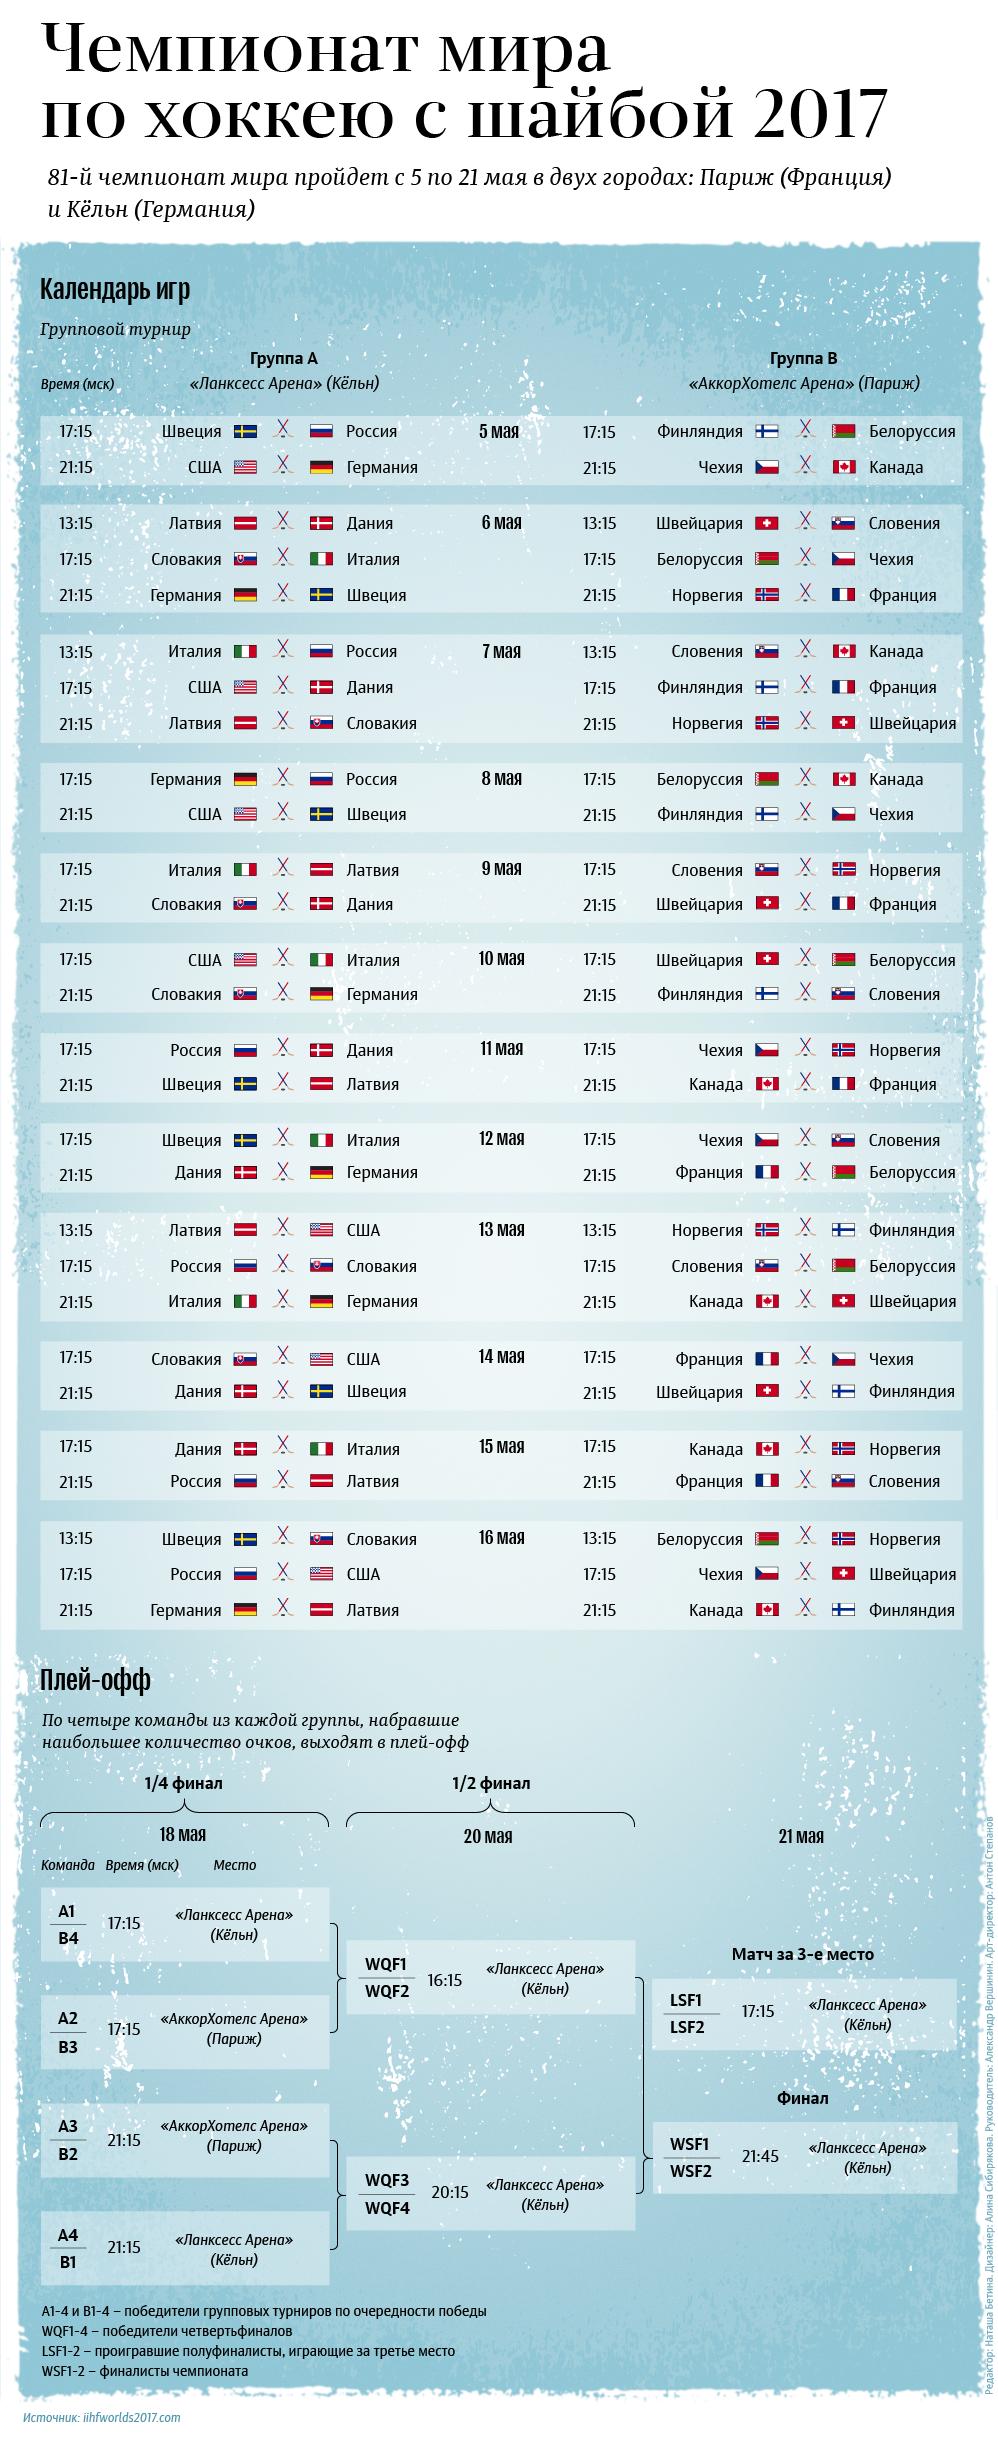 Календарь игр чемпионата мира по хоккею-2017